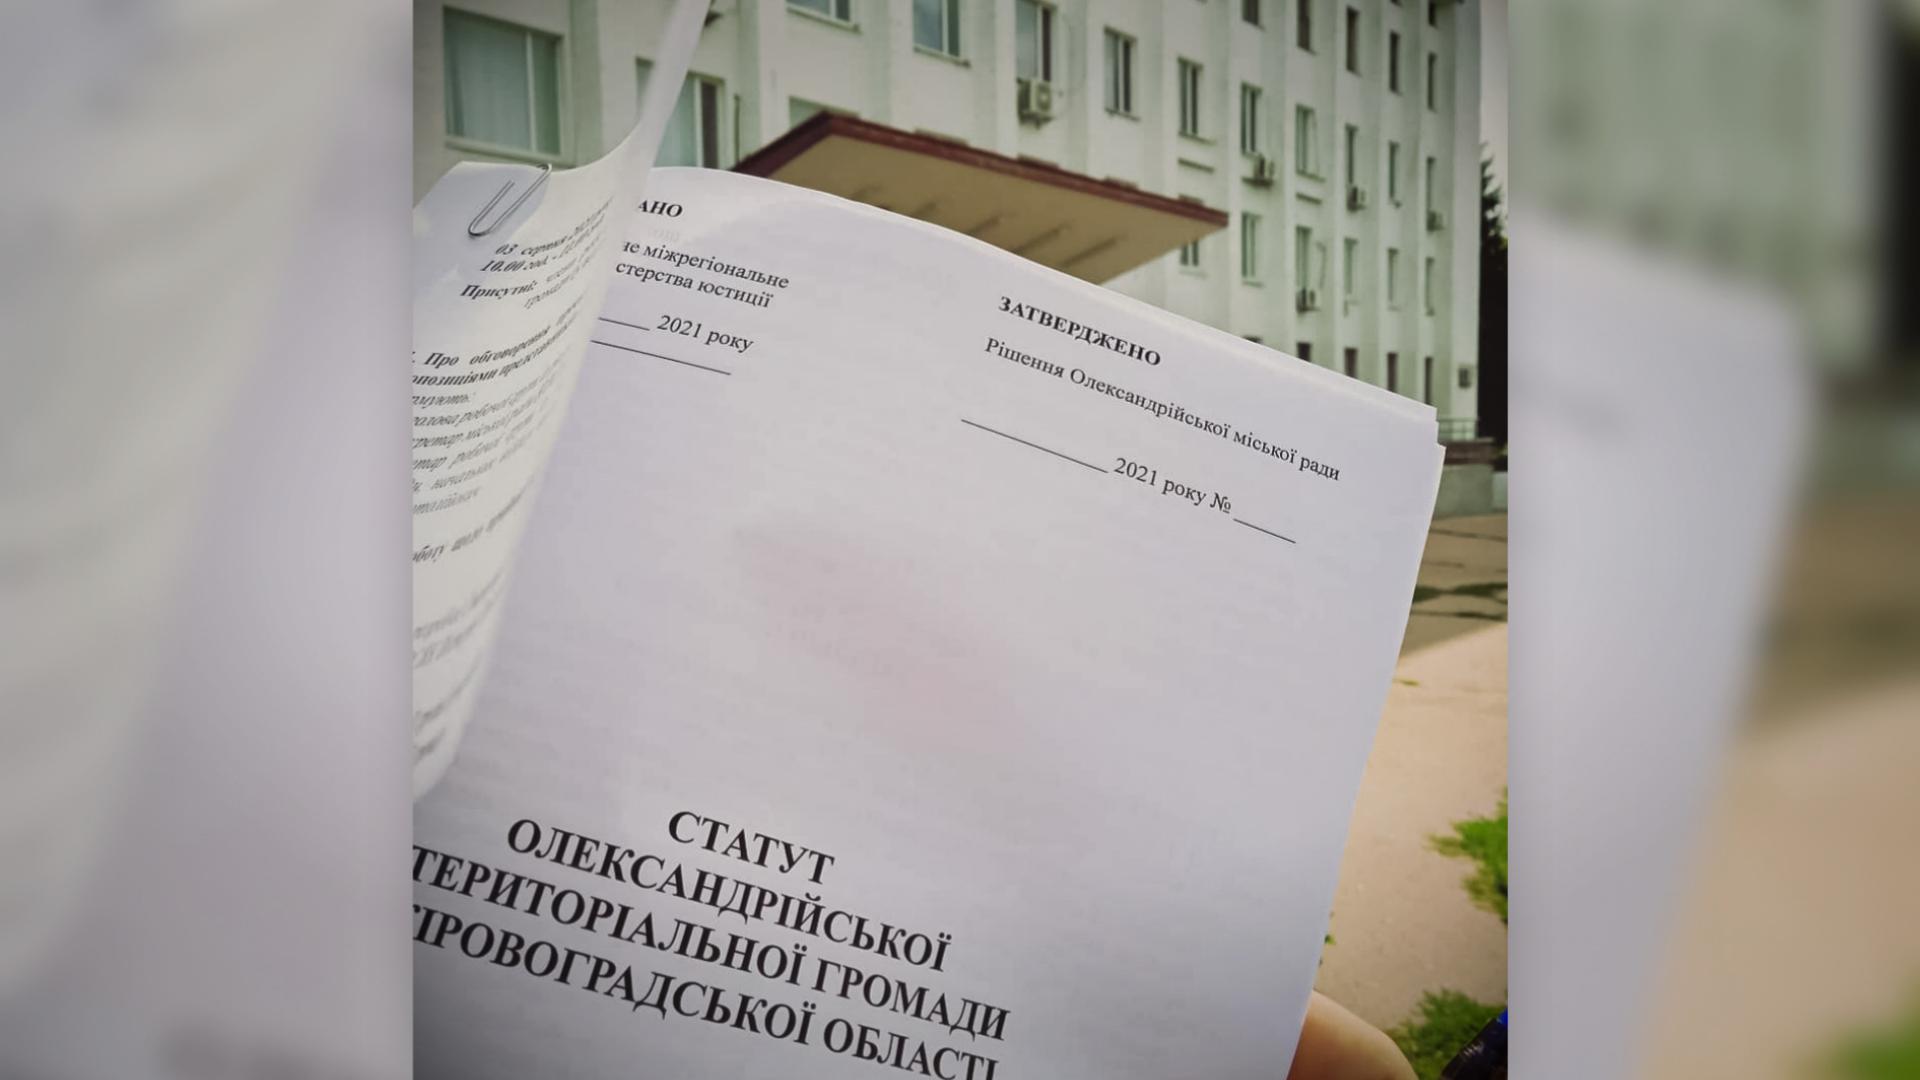 Новий Статут Олександрійської тергромади ухвалено 26 голосами депутатів